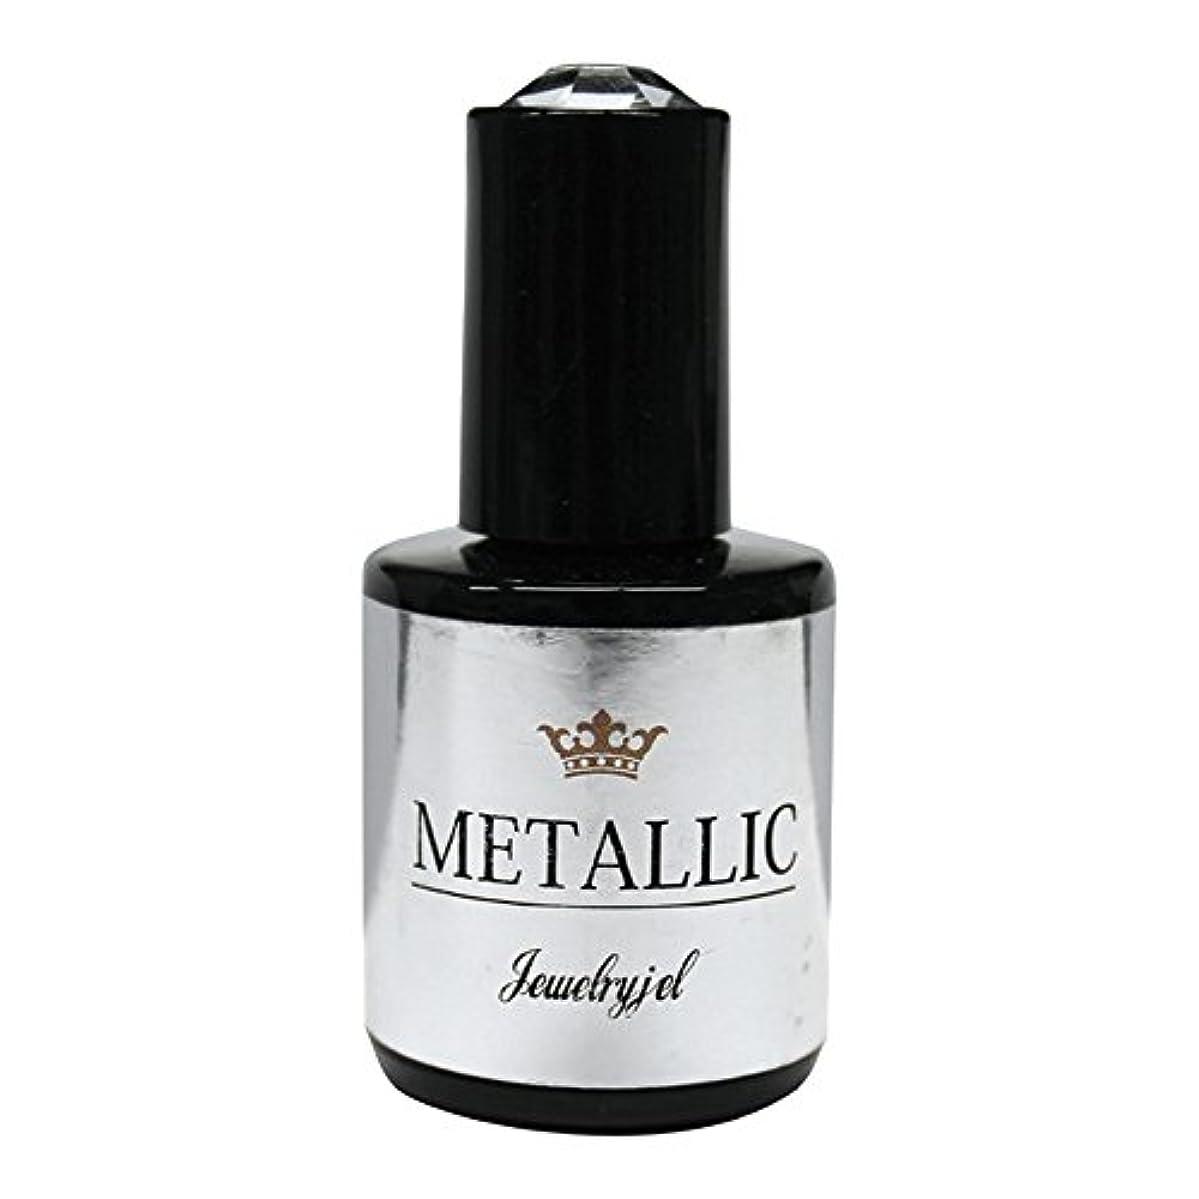 おばあさん塩辛い柔らかいジュエリージェル ジェルネイル  メタリックカラージェル MT027 5ml   UV/LED対応 カラージェル ソークオフジェル